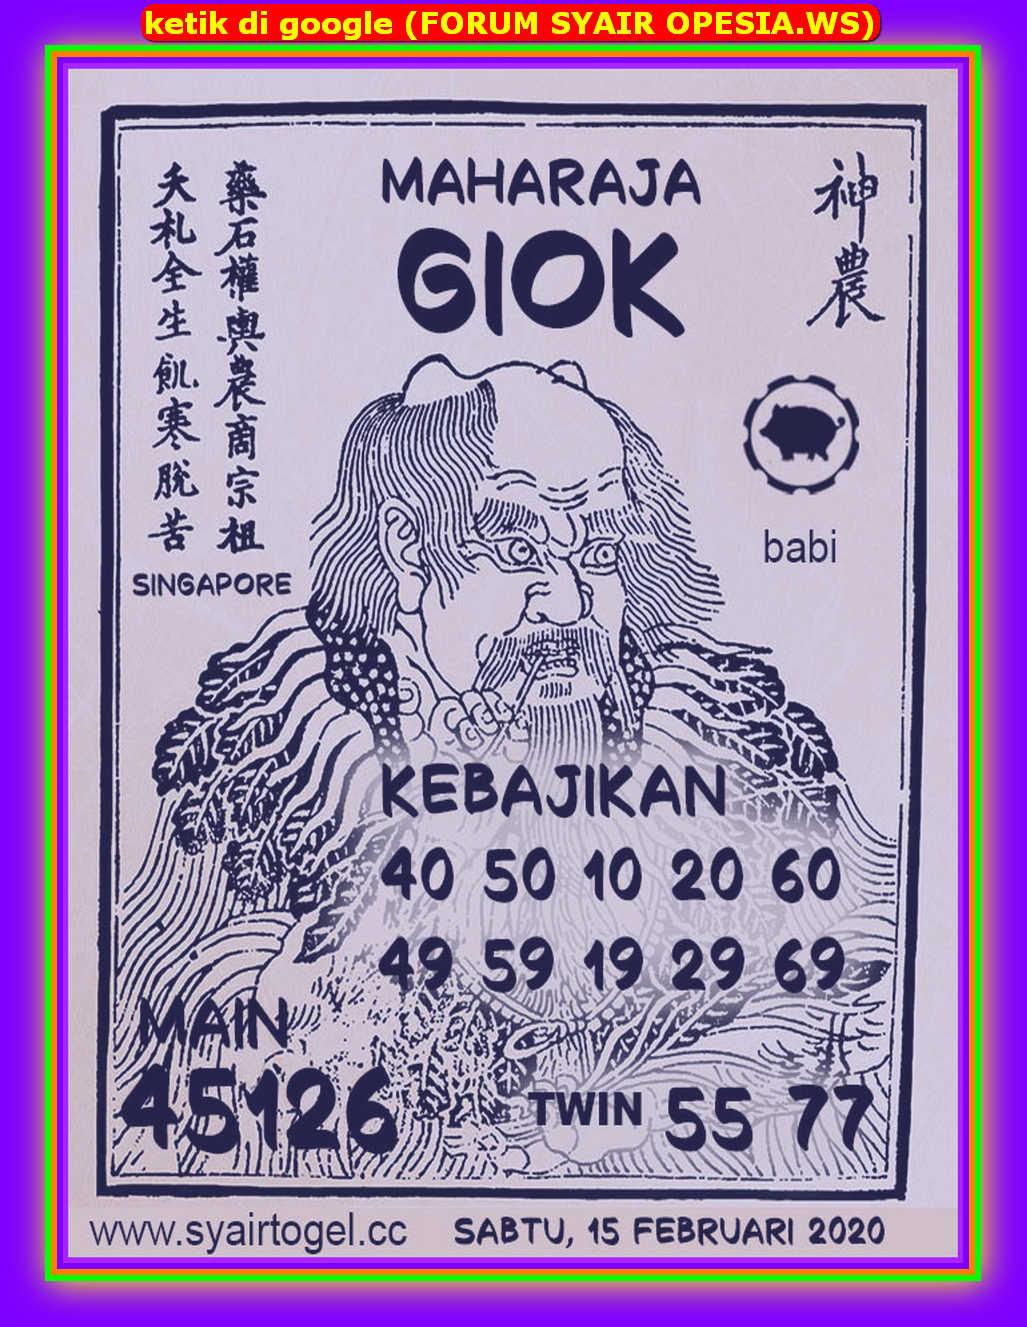 Kode syair Singapore Sabtu 15 Februari 2020 149